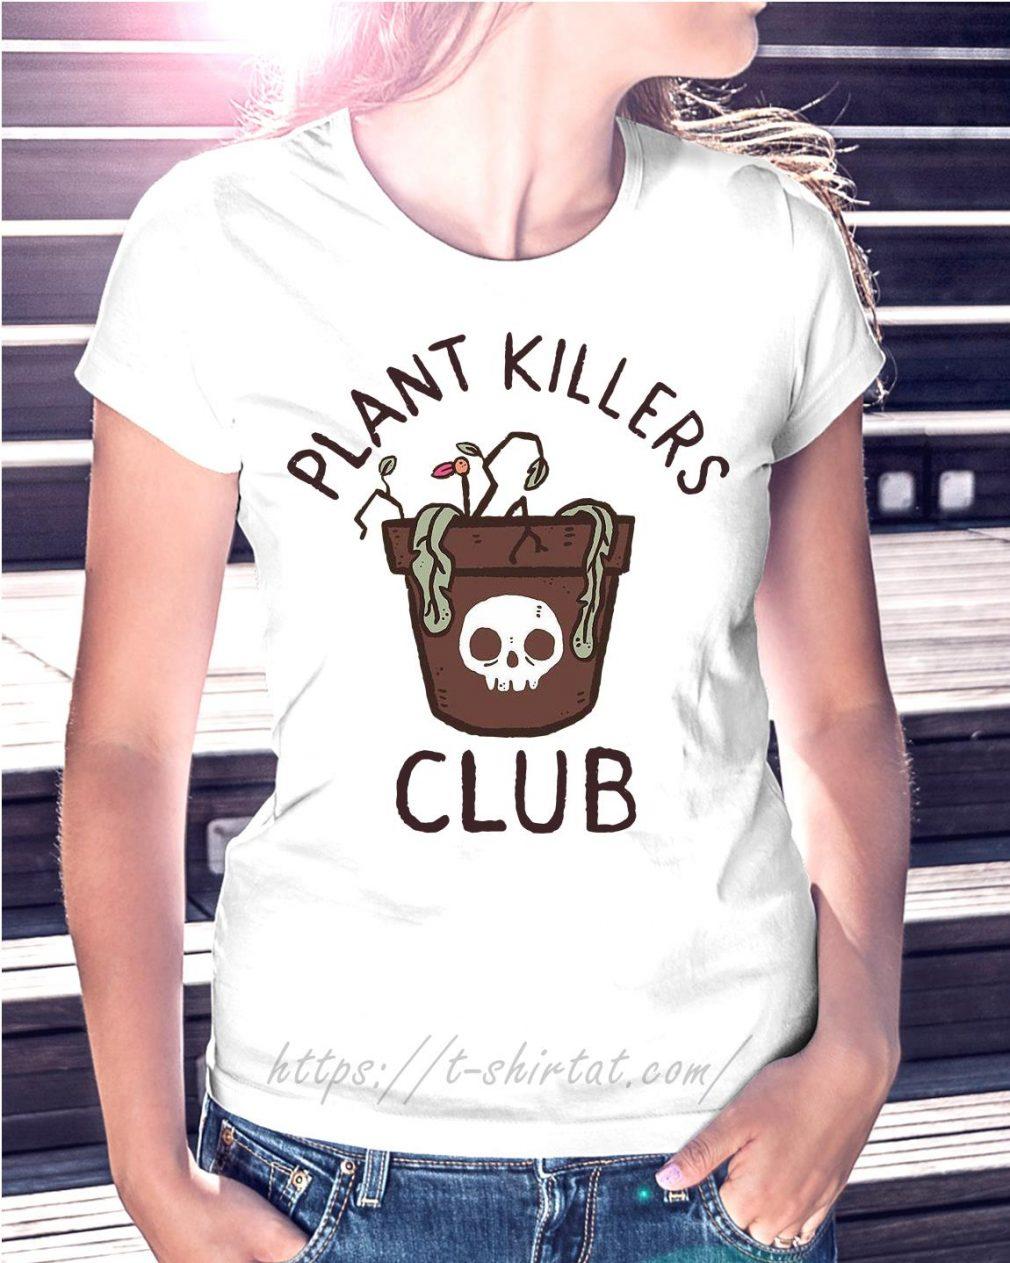 lxromero plant killers club